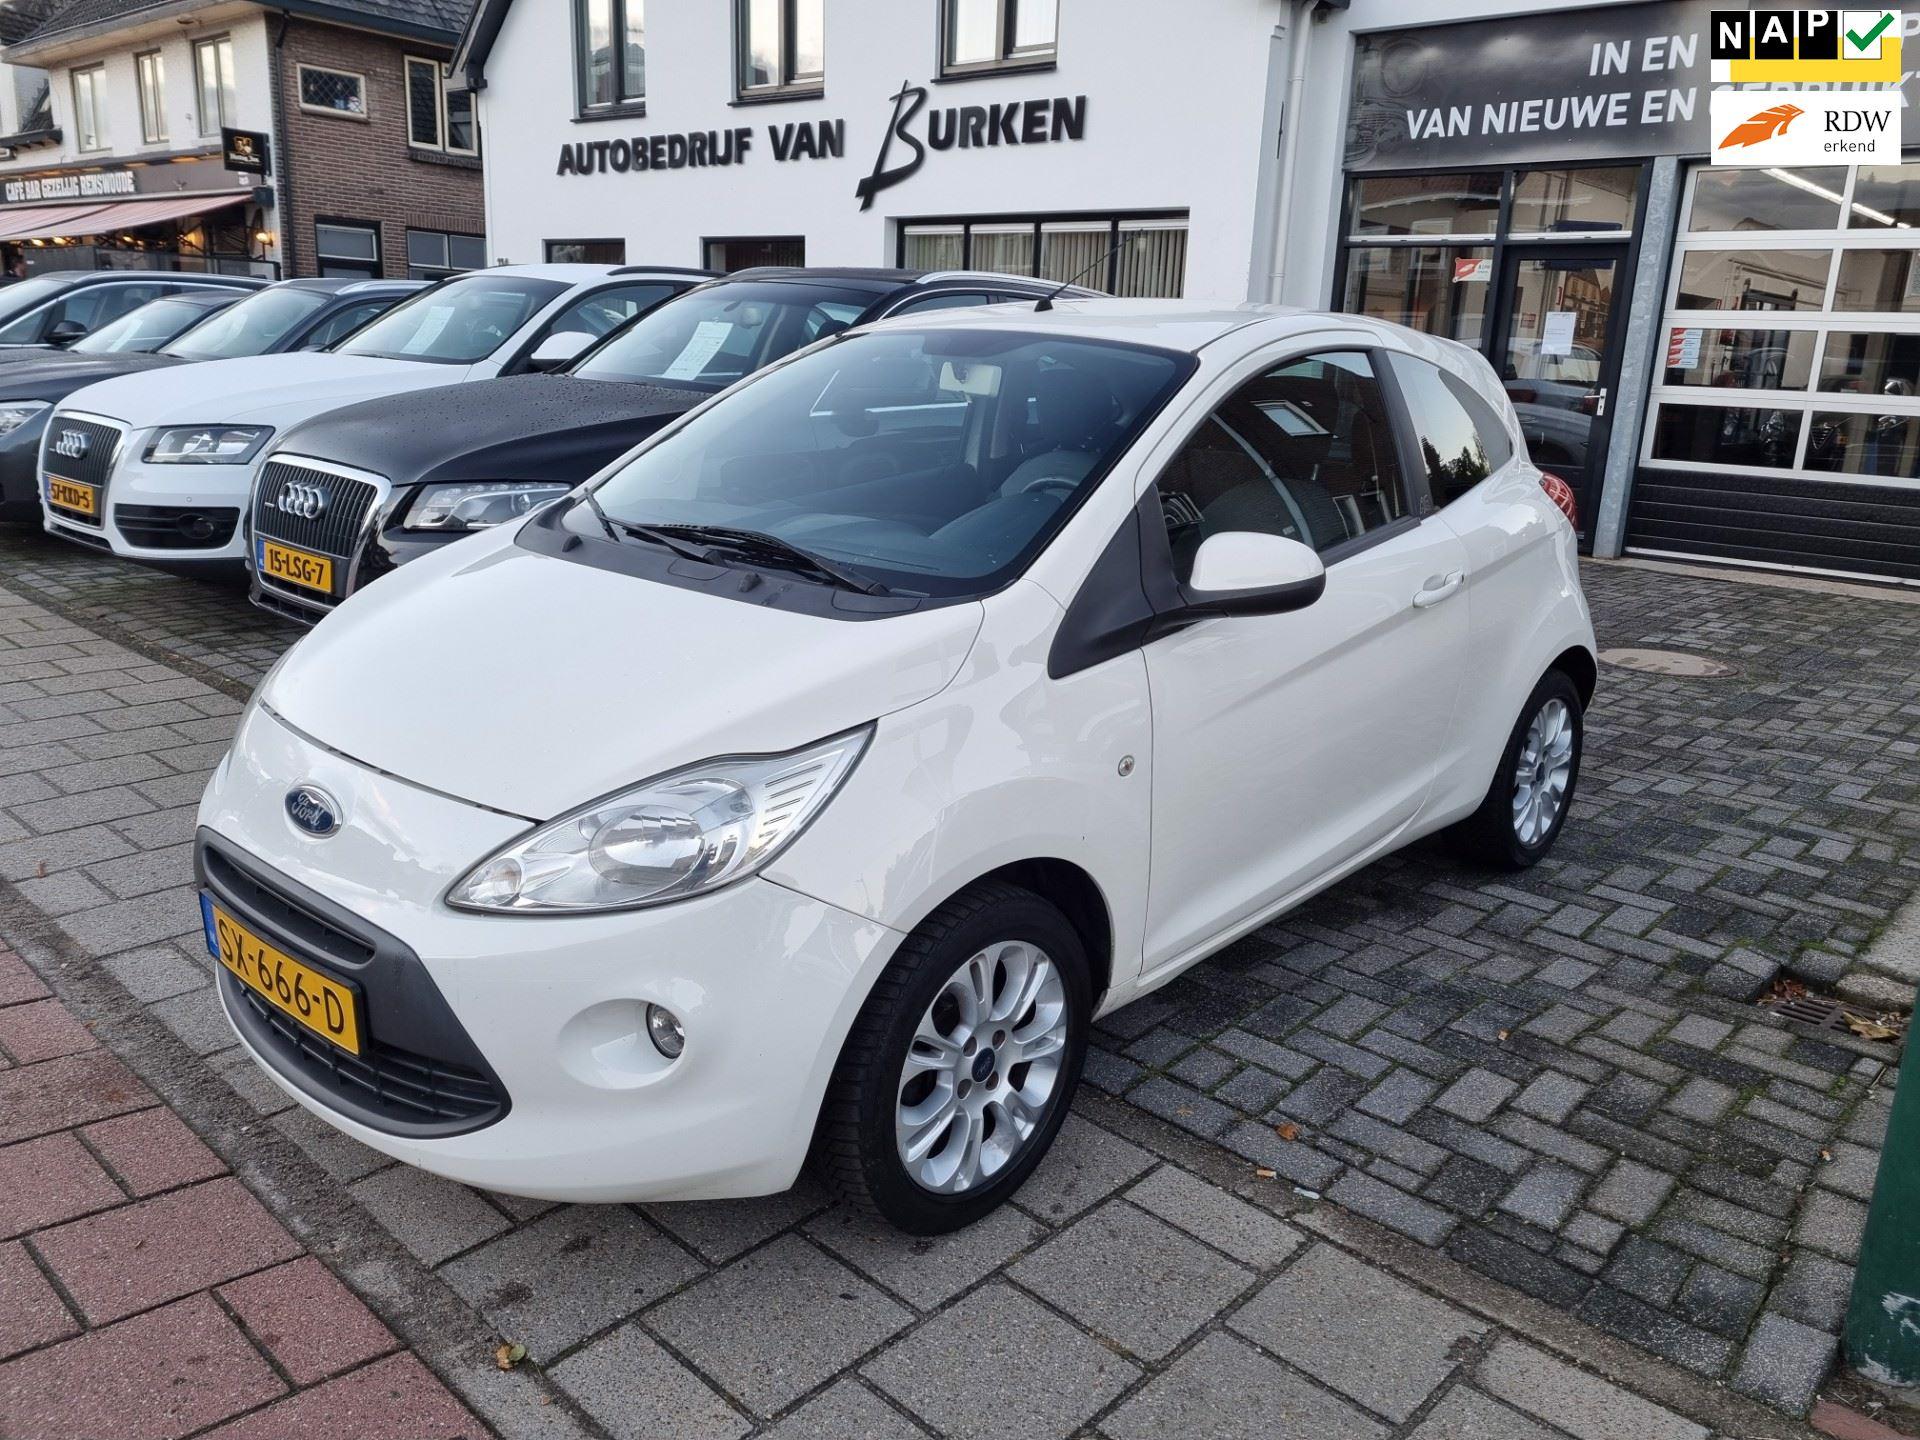 Ford Ka occasion - Autobedrijf van Burken